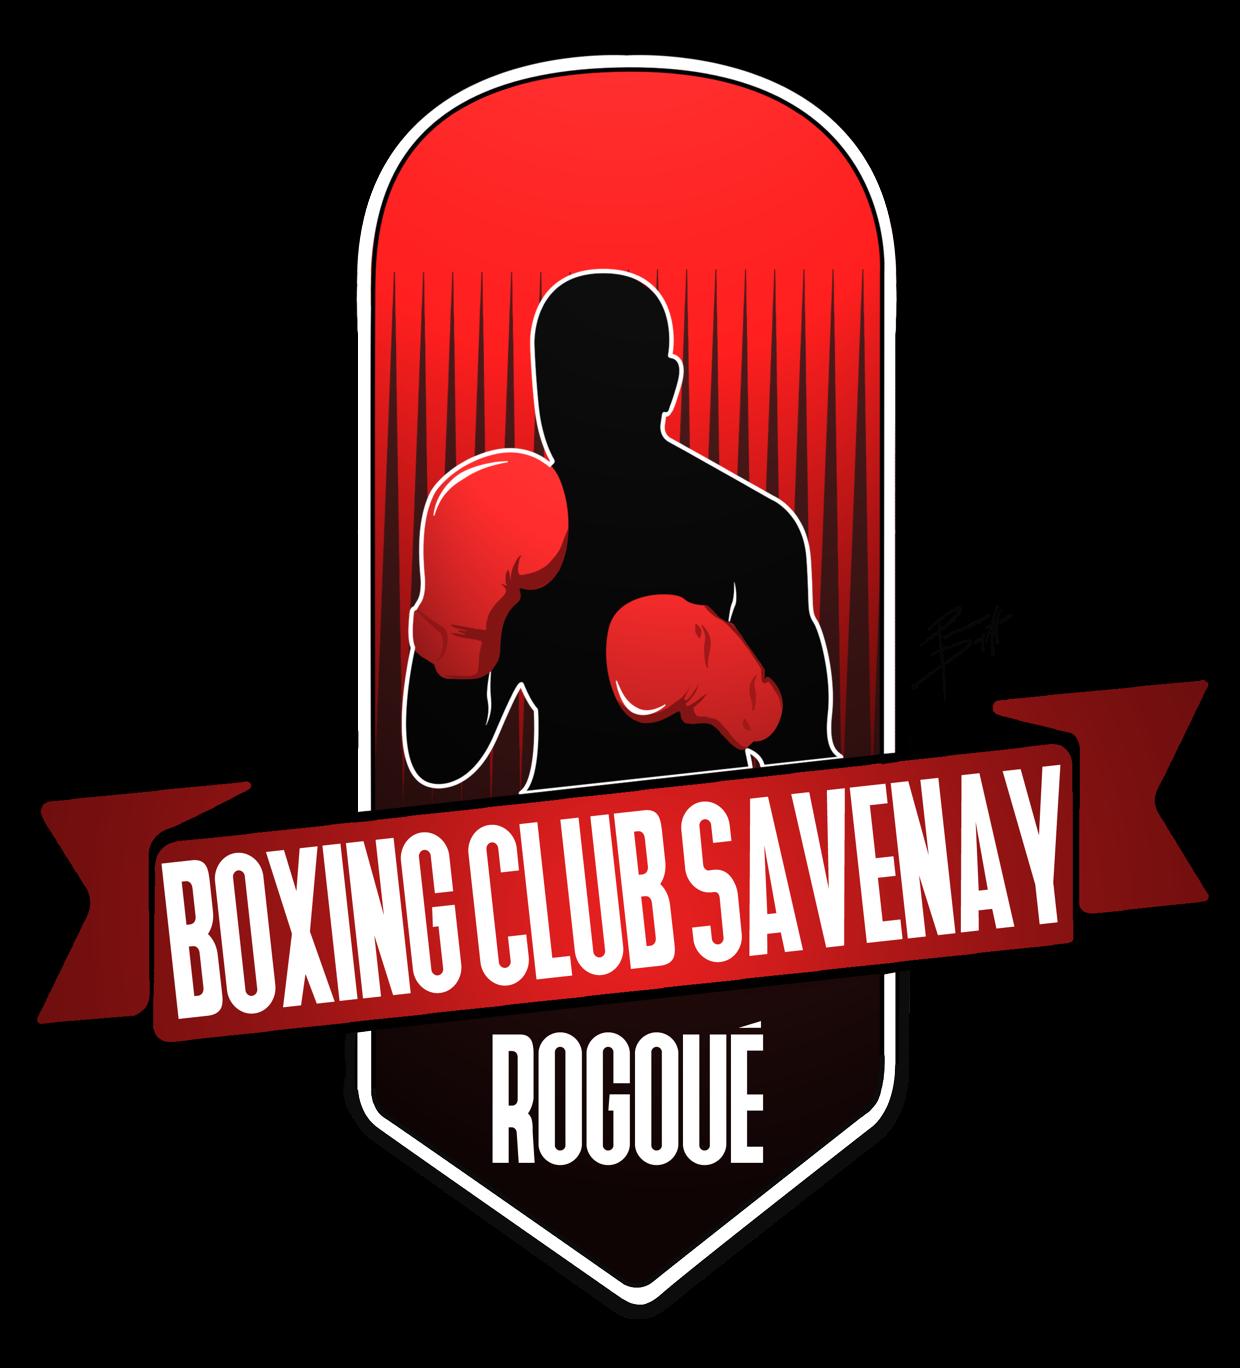 rogué boxing club savenay